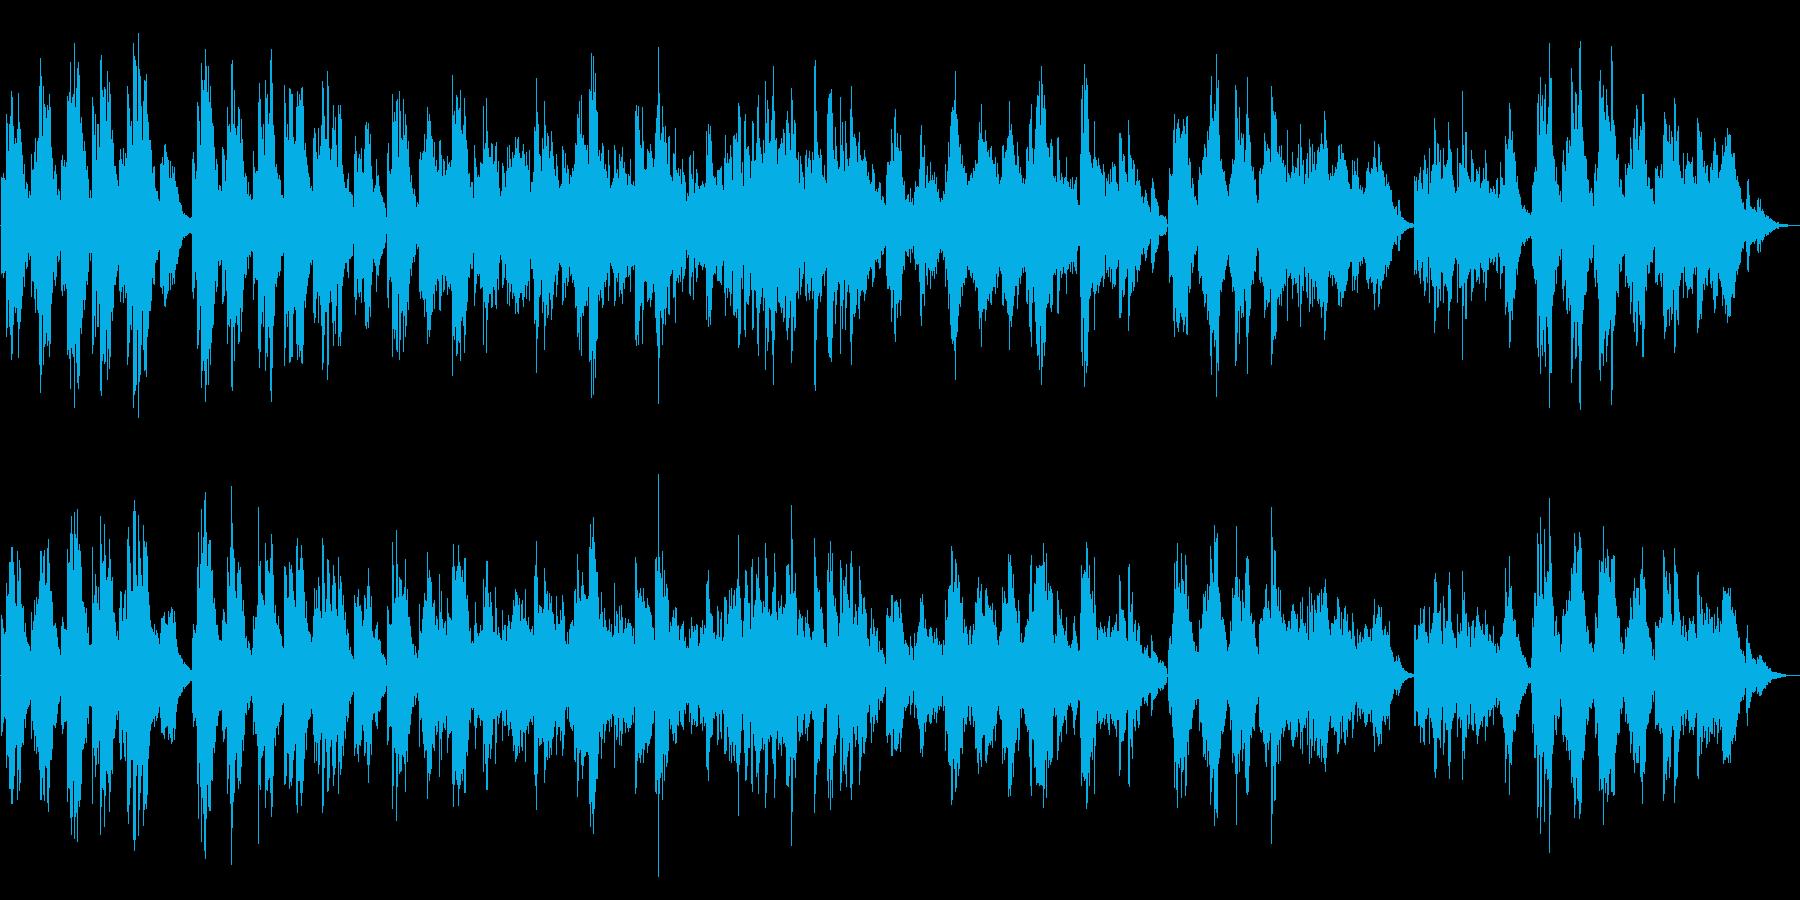 うつろうようなエレピソロ曲の再生済みの波形